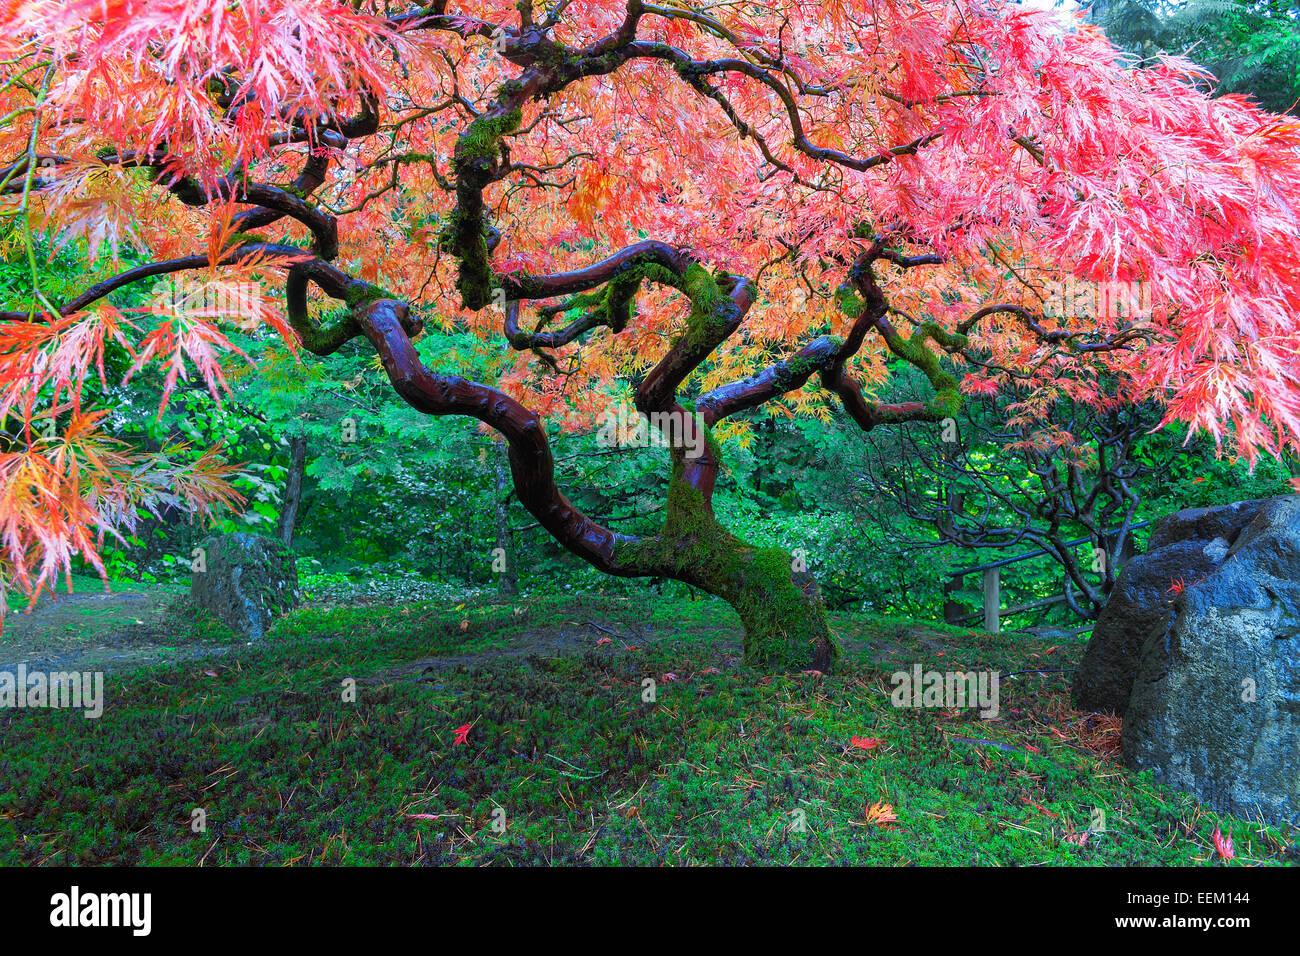 ancienne dentelle rouge Érable arbre feuilles au jardin japonais de